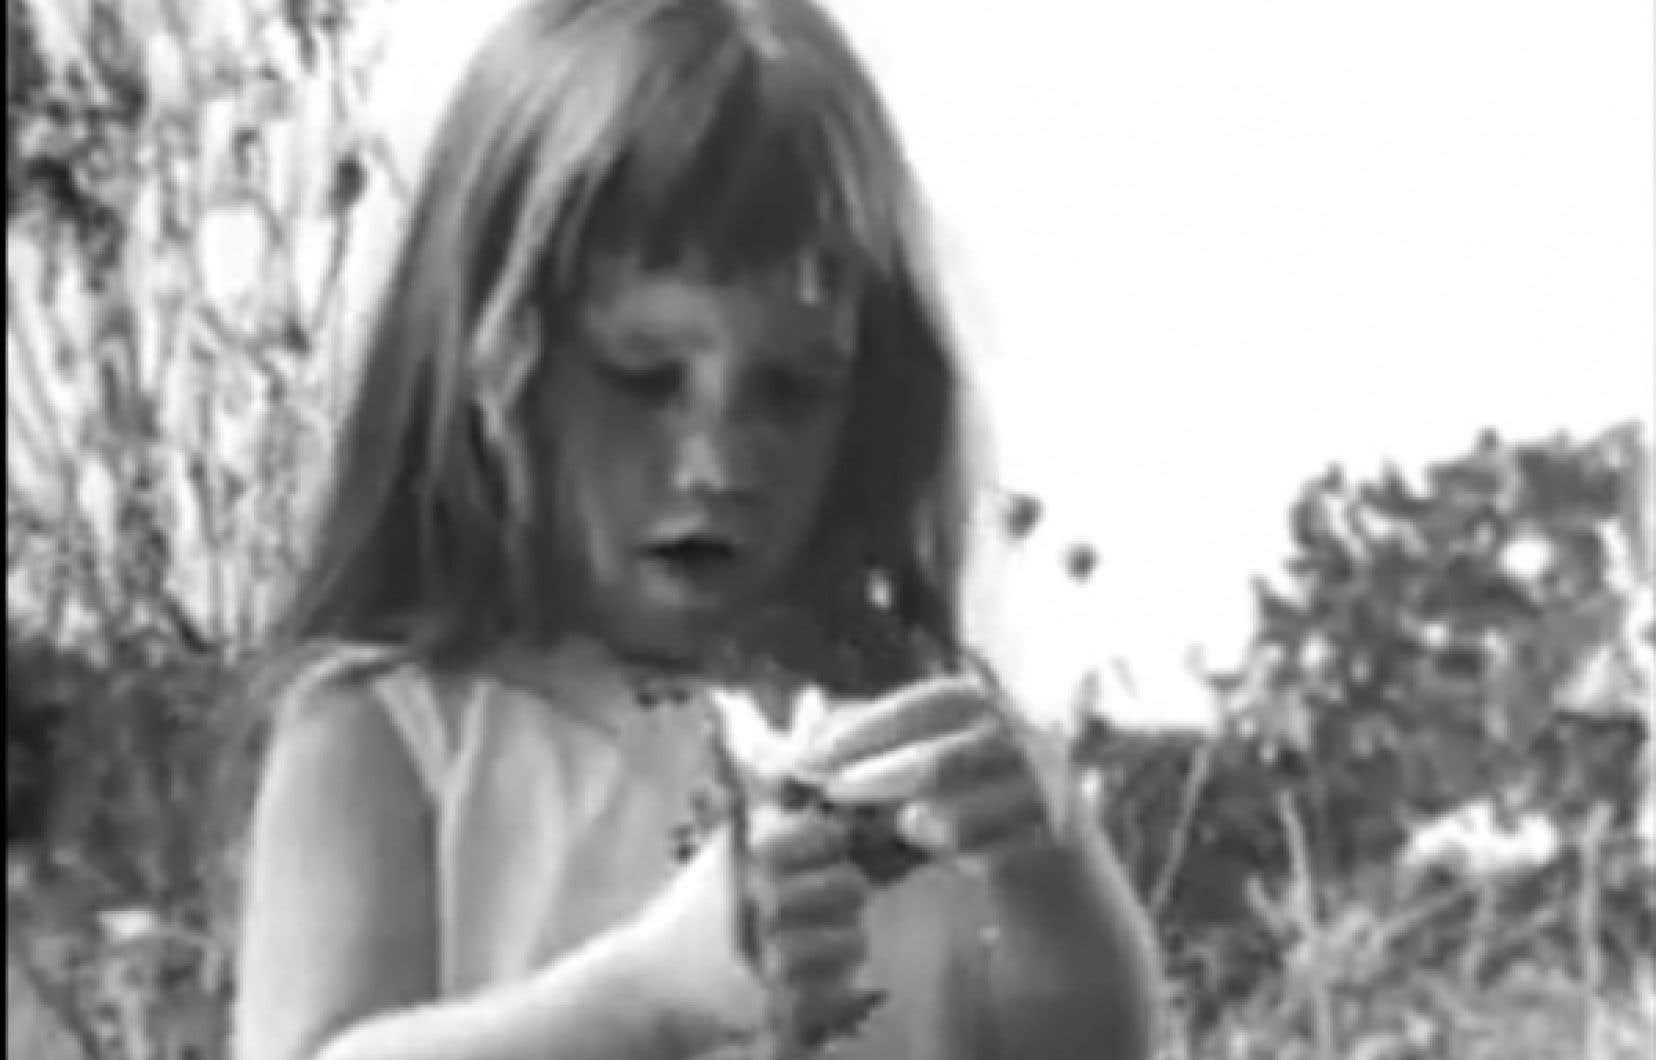 1964 Daisy est au cœur de la première «vraie» publicité négative télévisée. Lyndon B. Johnson y cultivait la peur à propos du candidat républicain qui avait évoqué la possibilité d'utiliser l'arme nucléaire contre les communistes au Vietnam.<br />